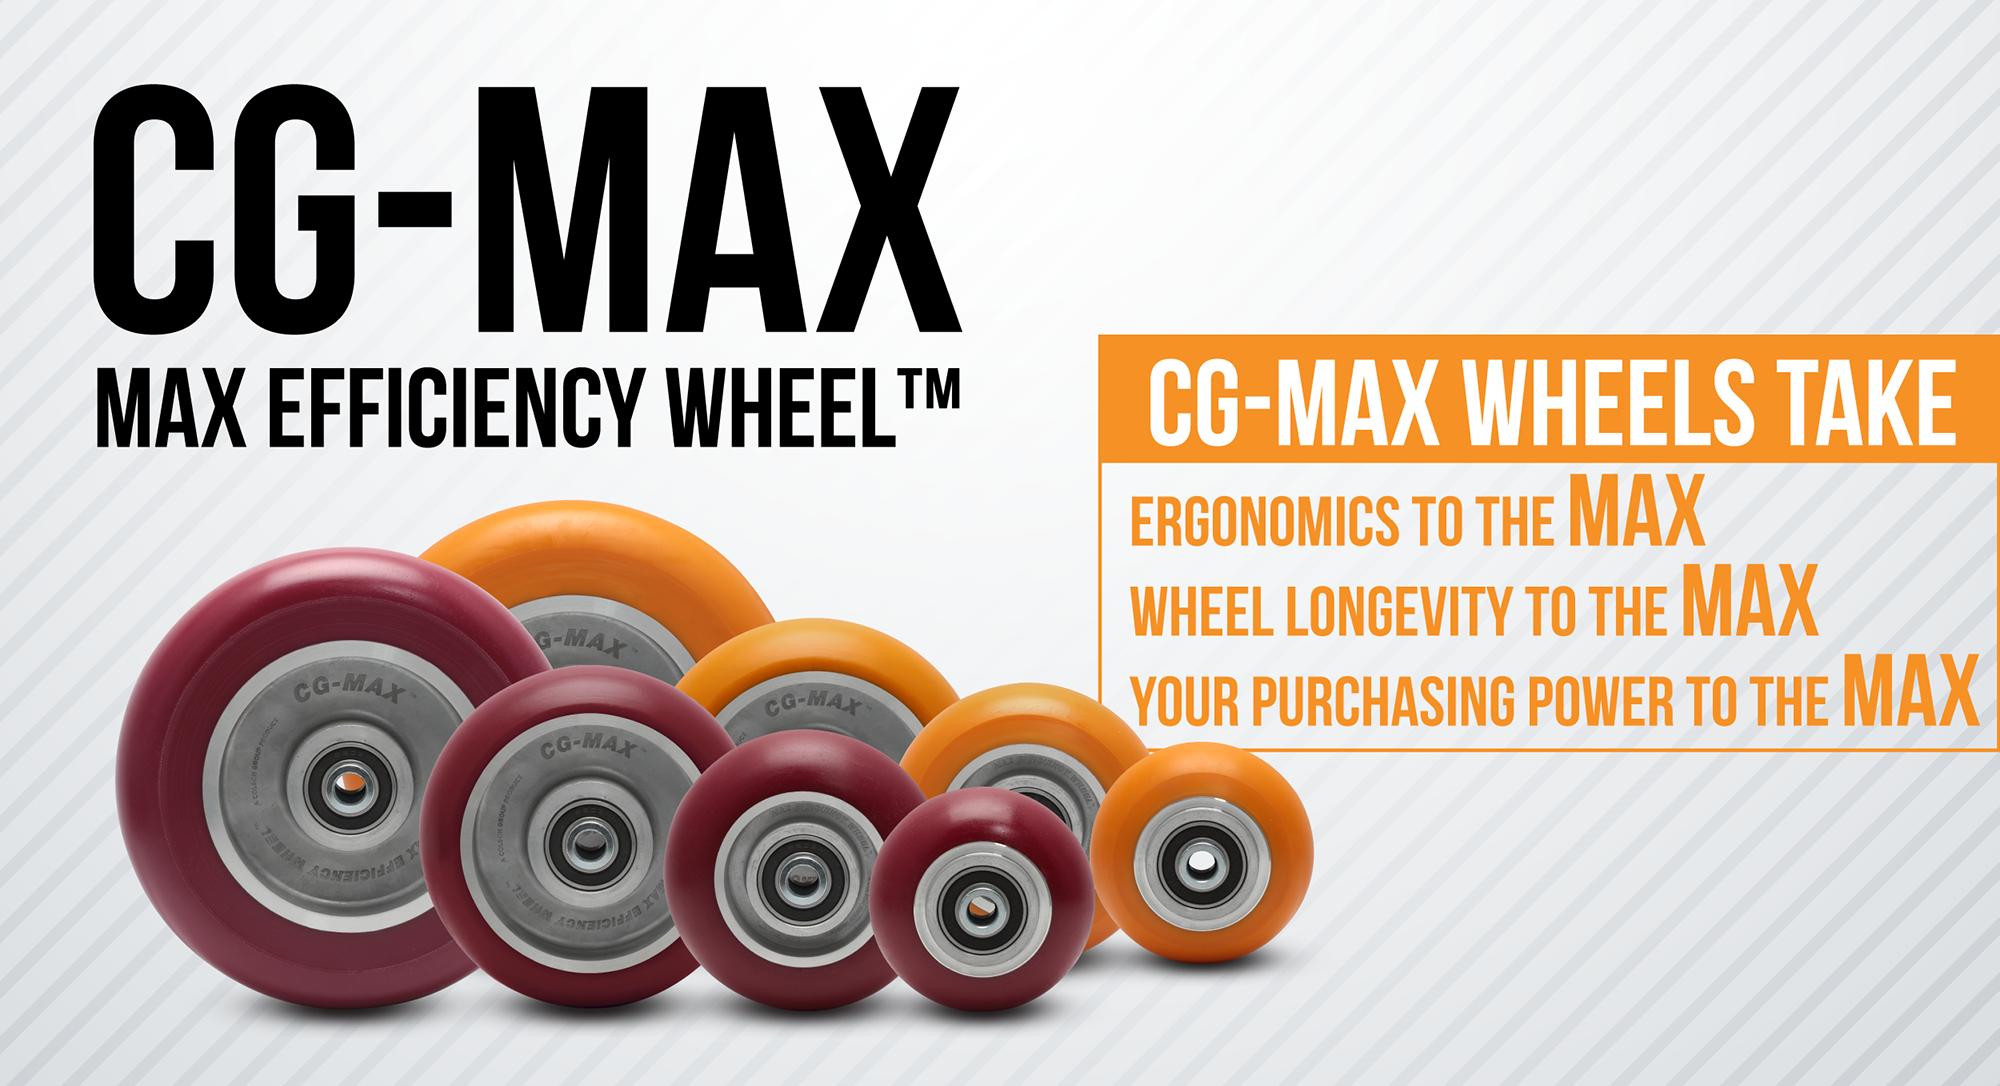 cg-max wheels